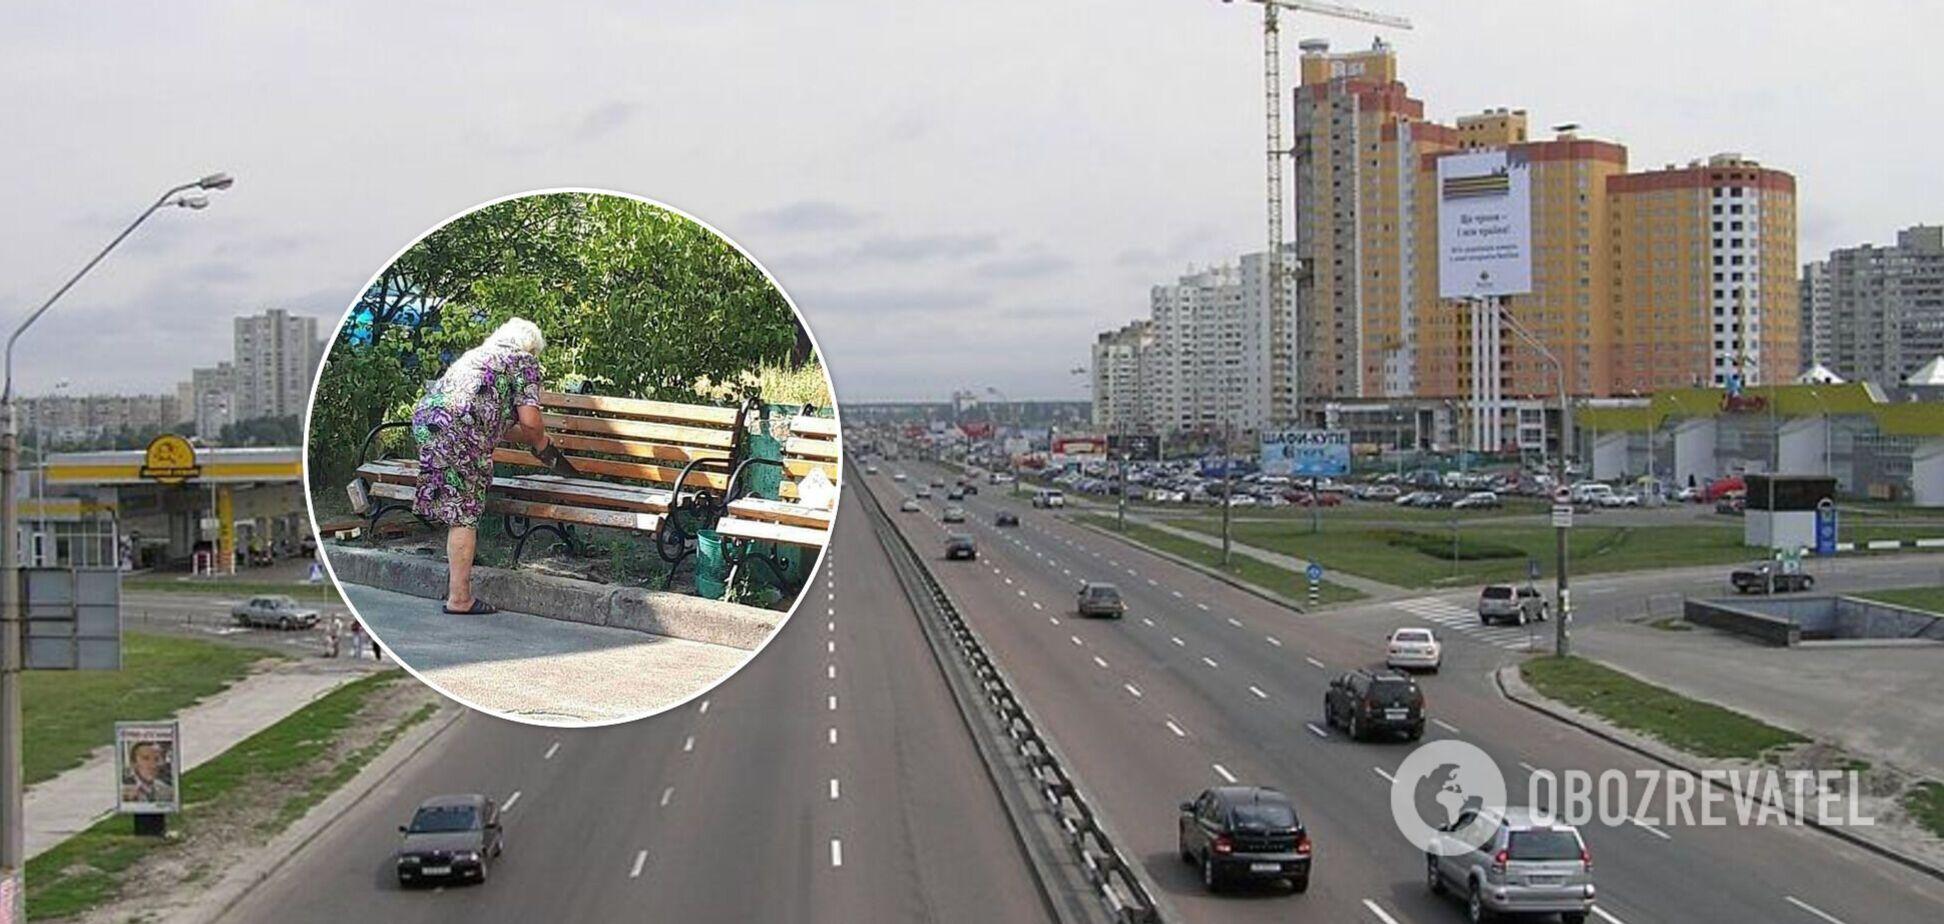 В Киеве бабушка распилила скамейку: причиной назвали шумные компании. Фото